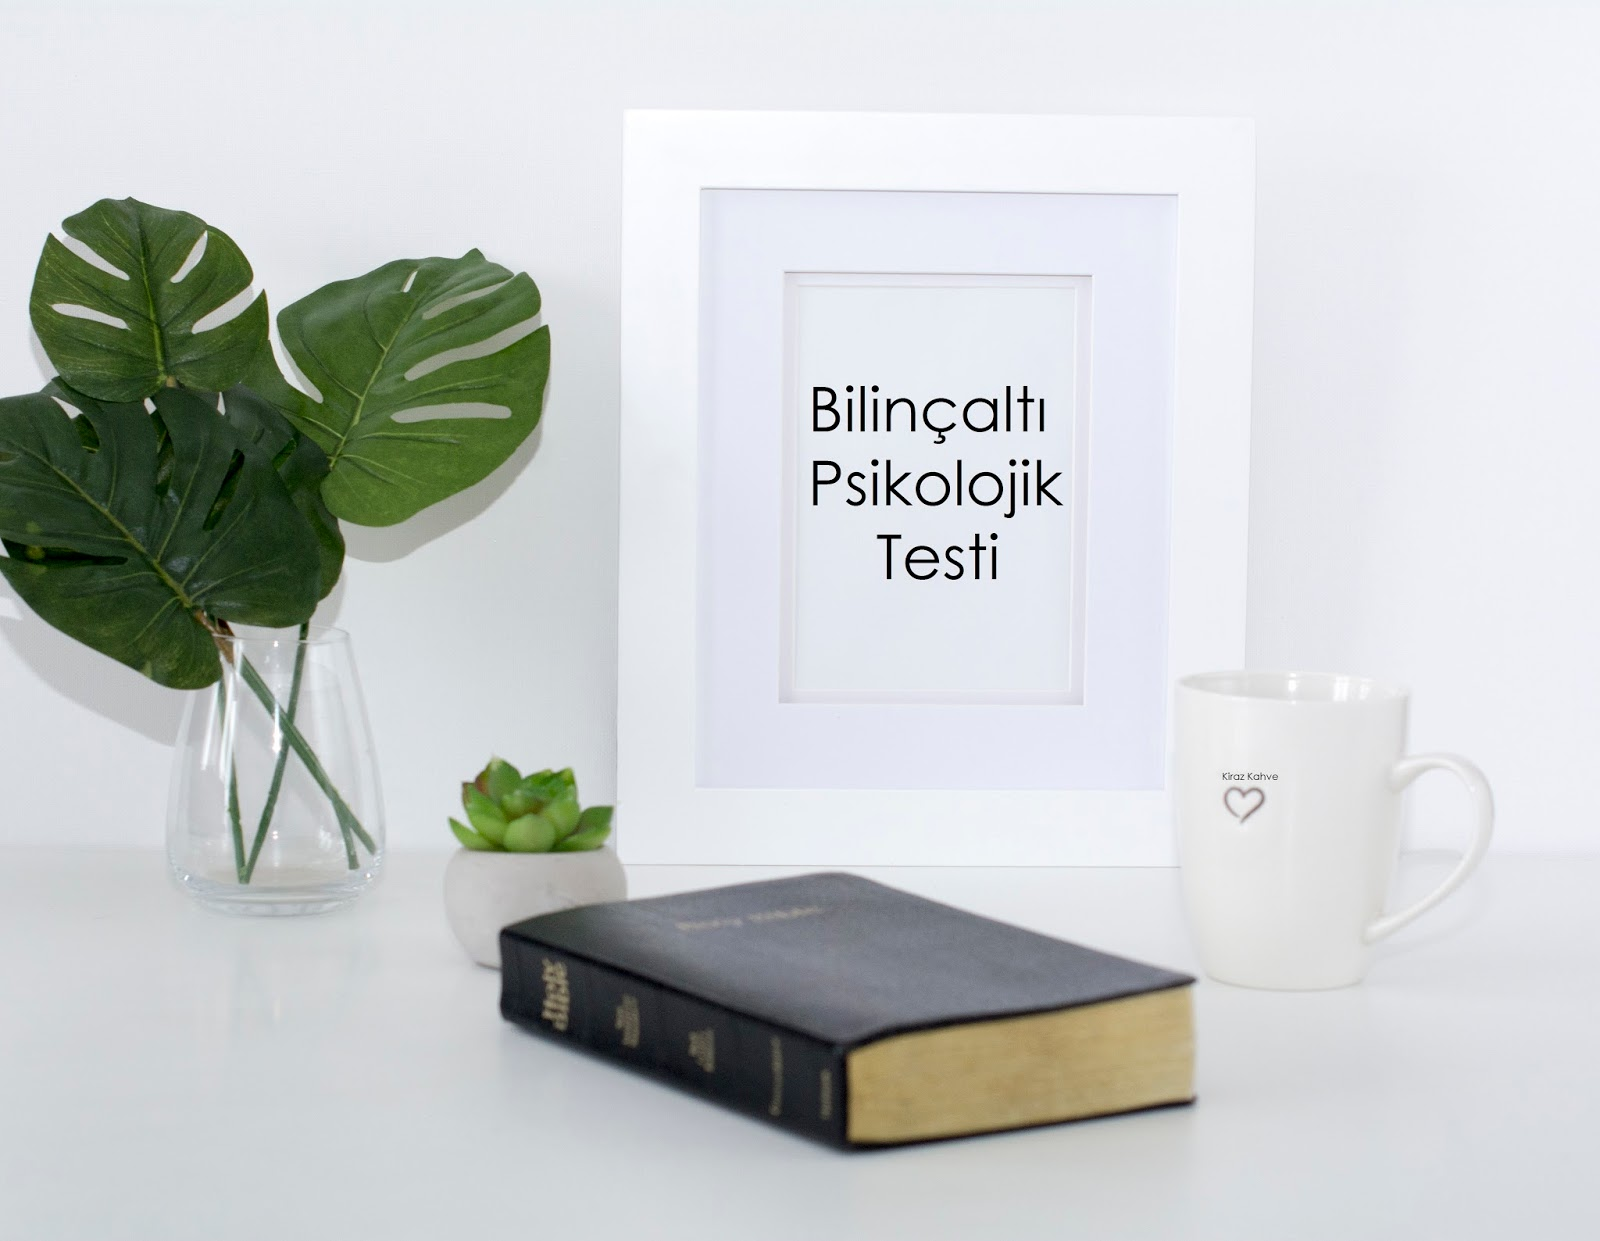 bilinçaltı psikolojik test